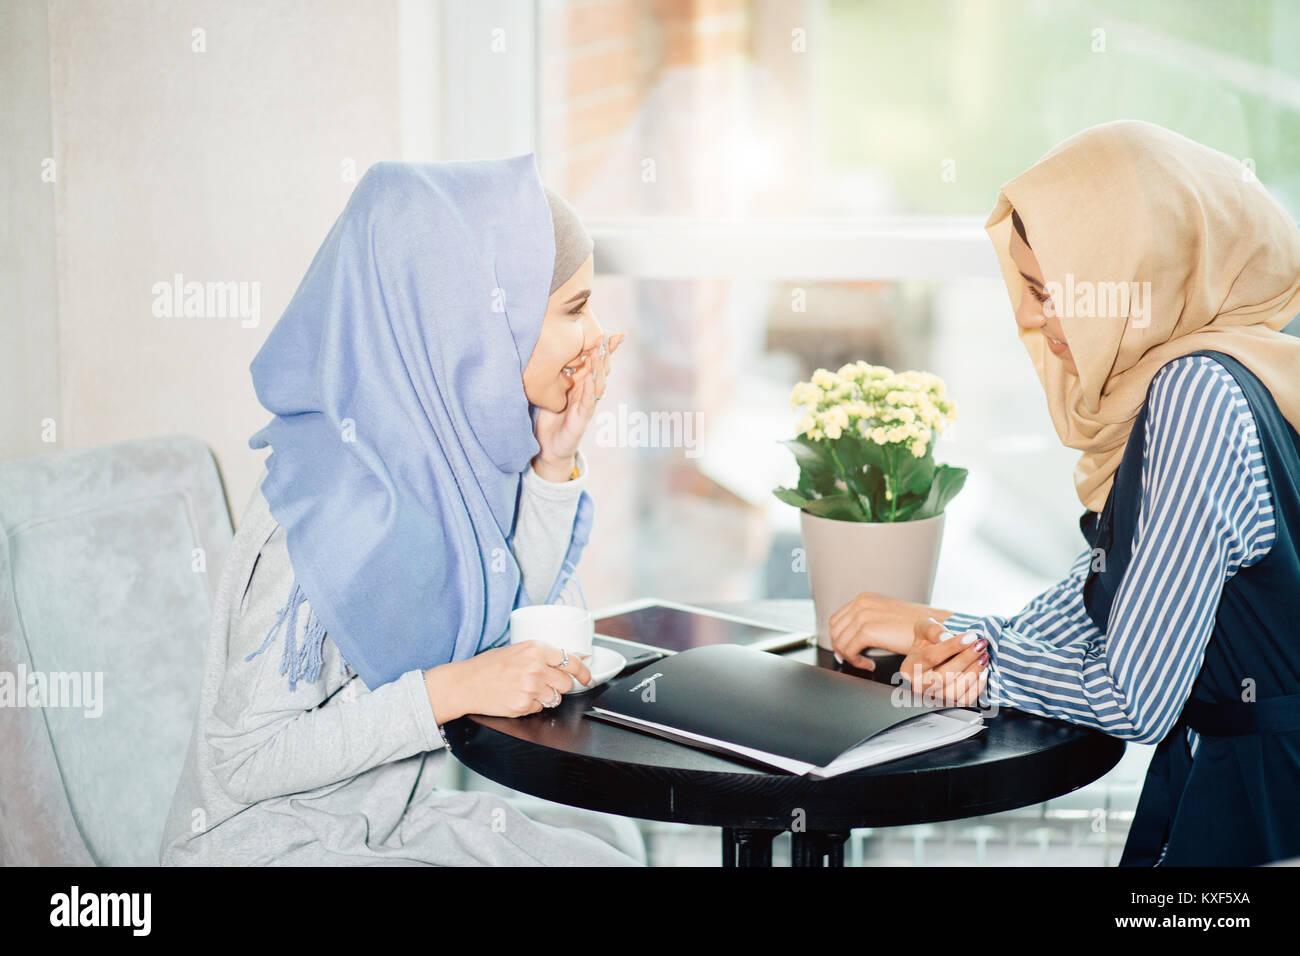 Portrait de deux femmes à parler tout en bénéficiant de café Photo Stock